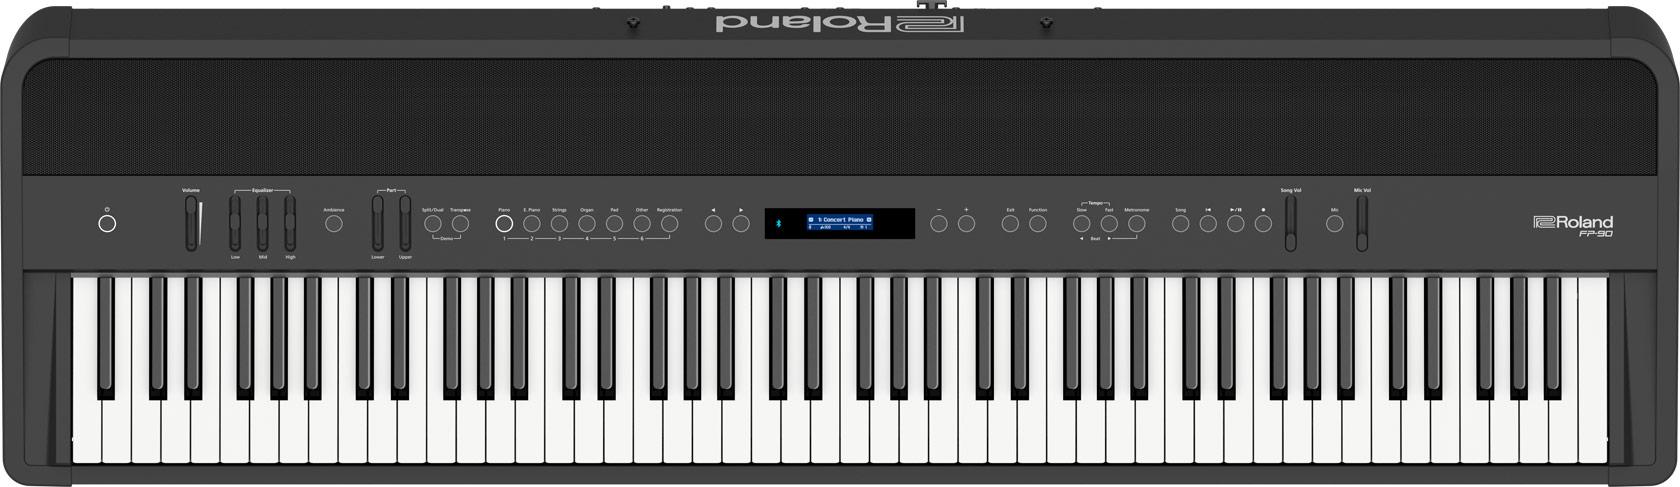 roland fp 90 digital piano rh roland ca Roland FP- 80 Roland FP- 80